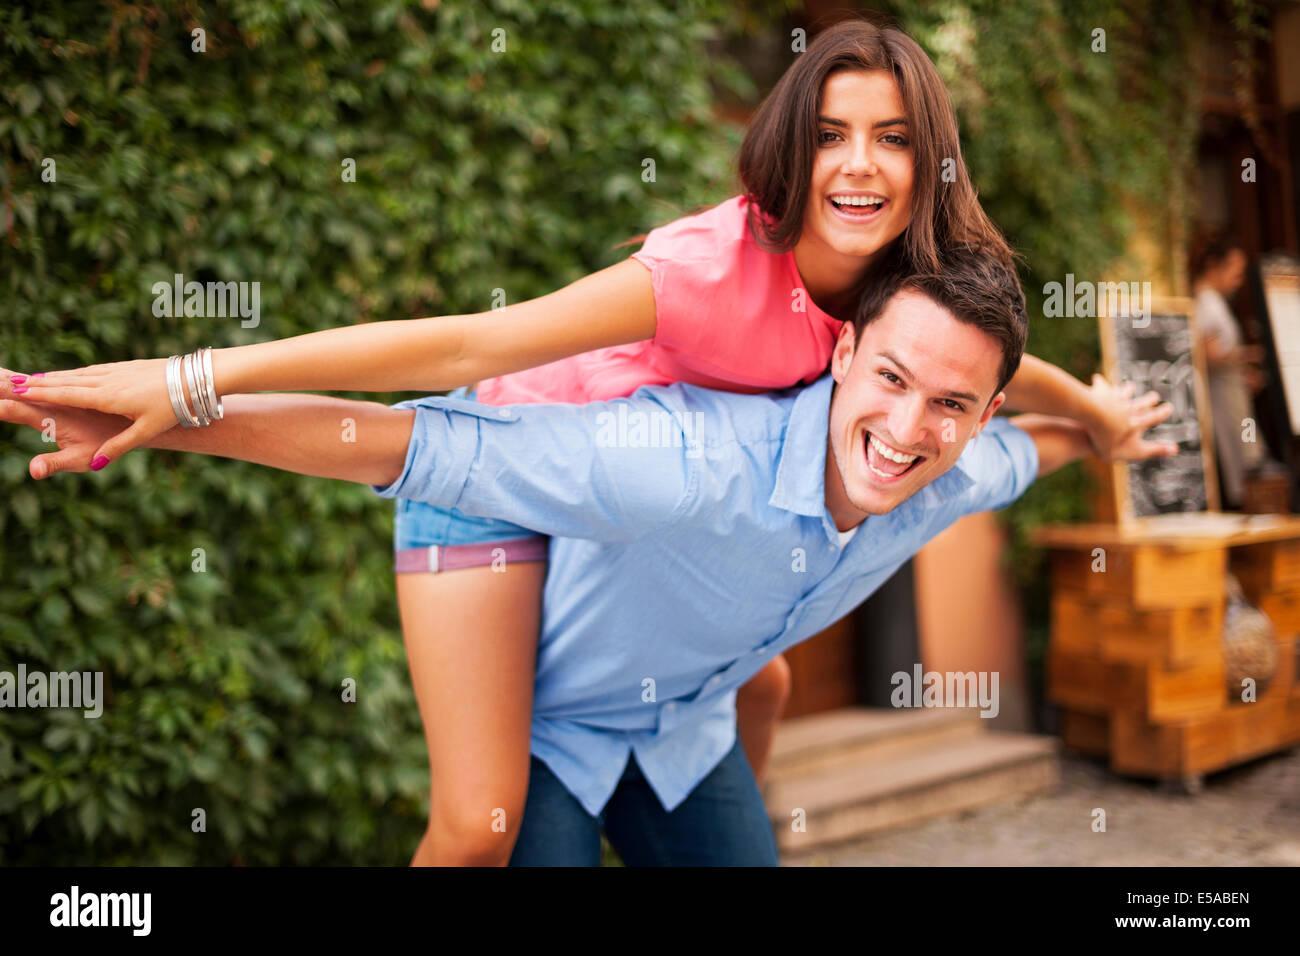 Jeune couple s'amuser au cours de la date, Debica, Pologne Photo Stock